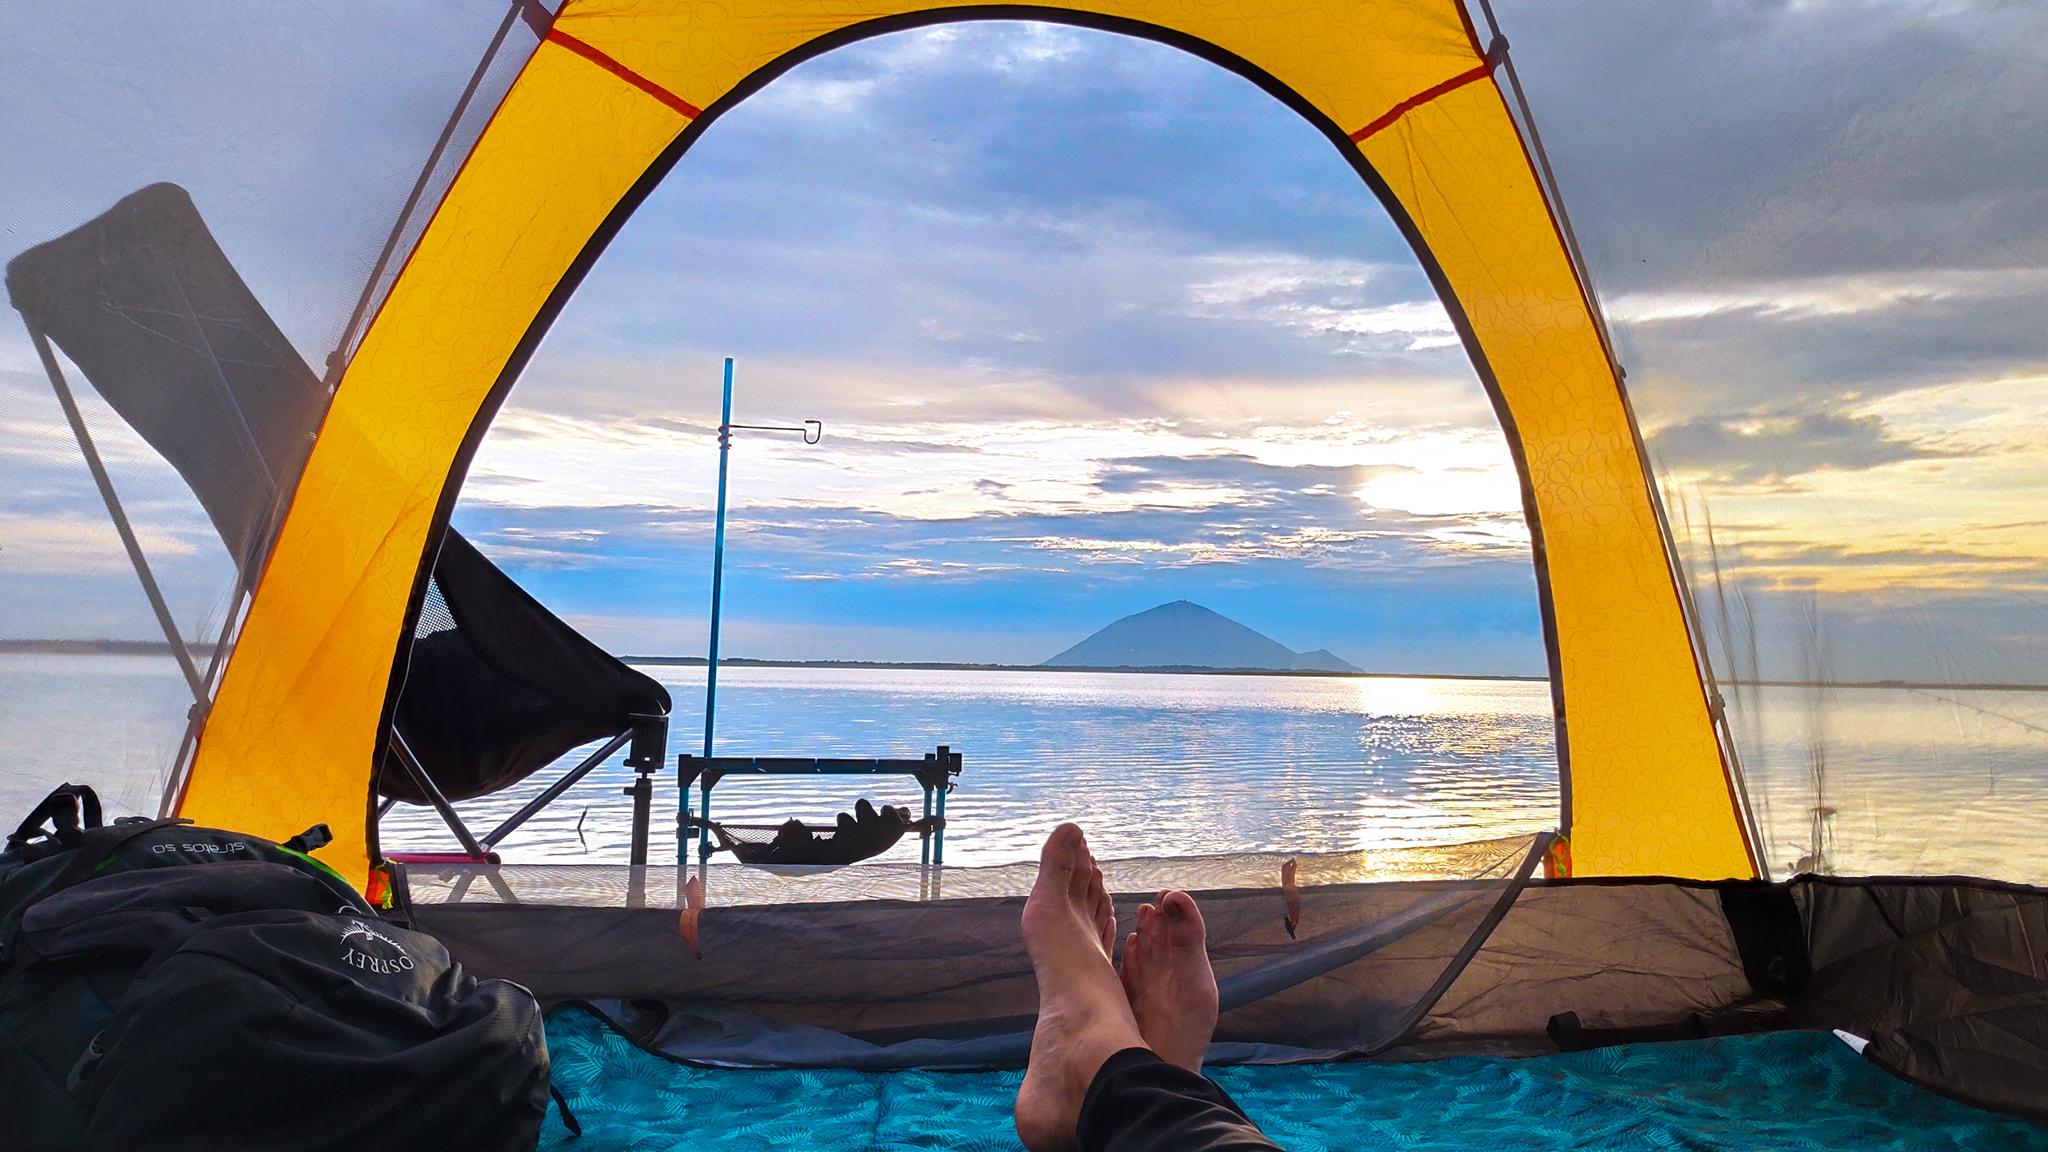 Đến hồ Dầu Tiếng, chiêm ngưỡng cảnh đẹp hút hồn tại địa điểm cắm trại hot nhất Tây Ninh  - Ảnh 10.